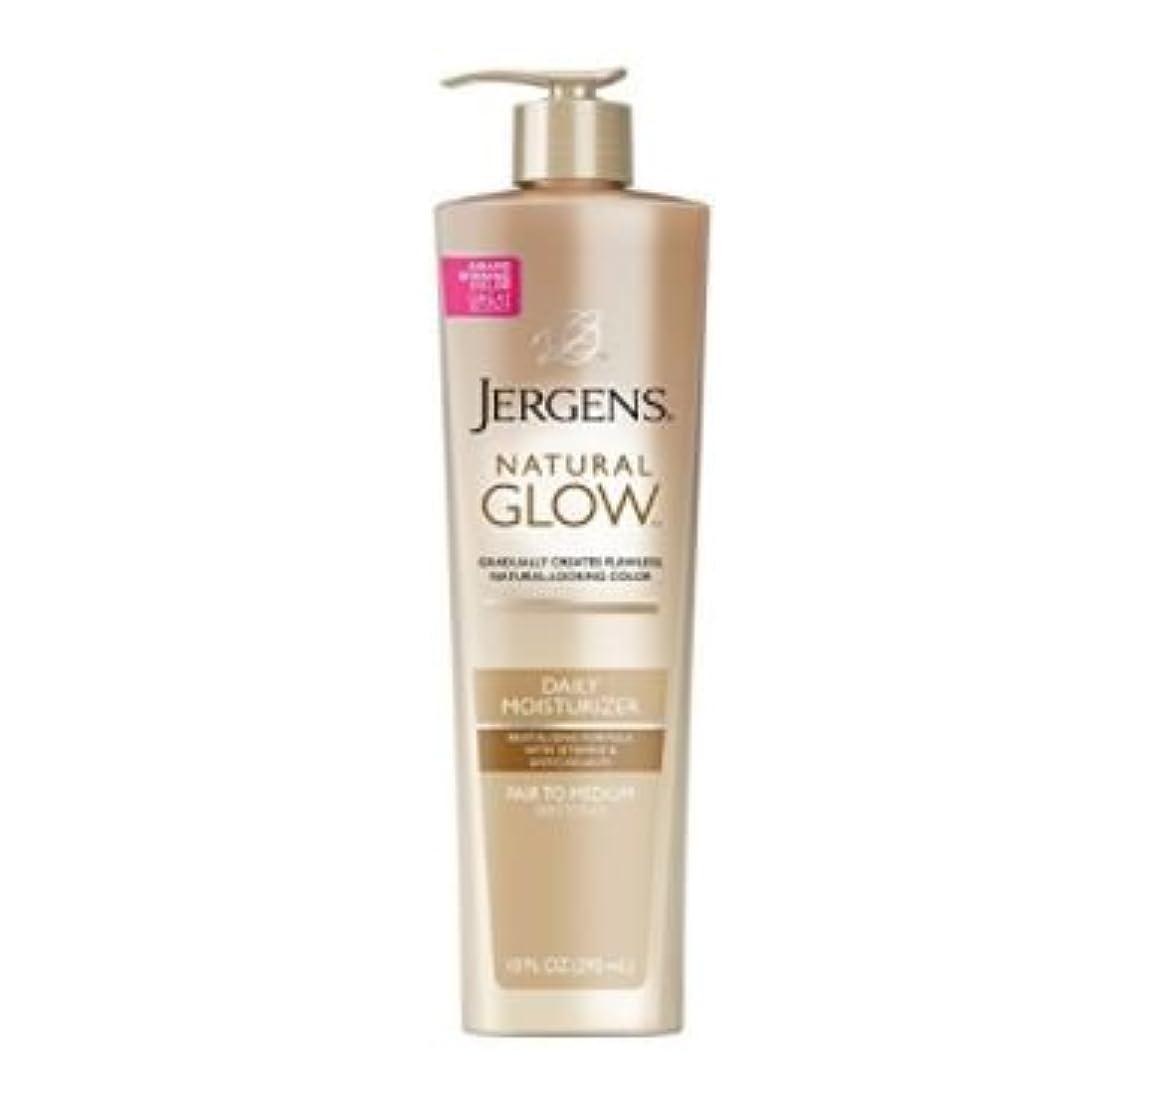 ブラジャー債権者既にジャーゲンス【ポンプ付き295ml】塗るだけでキレイなブロンズ肌! セルフタンニングローション Jergens Natural Glow ジャーゲンズ (Fair/Medium 色白の方用)